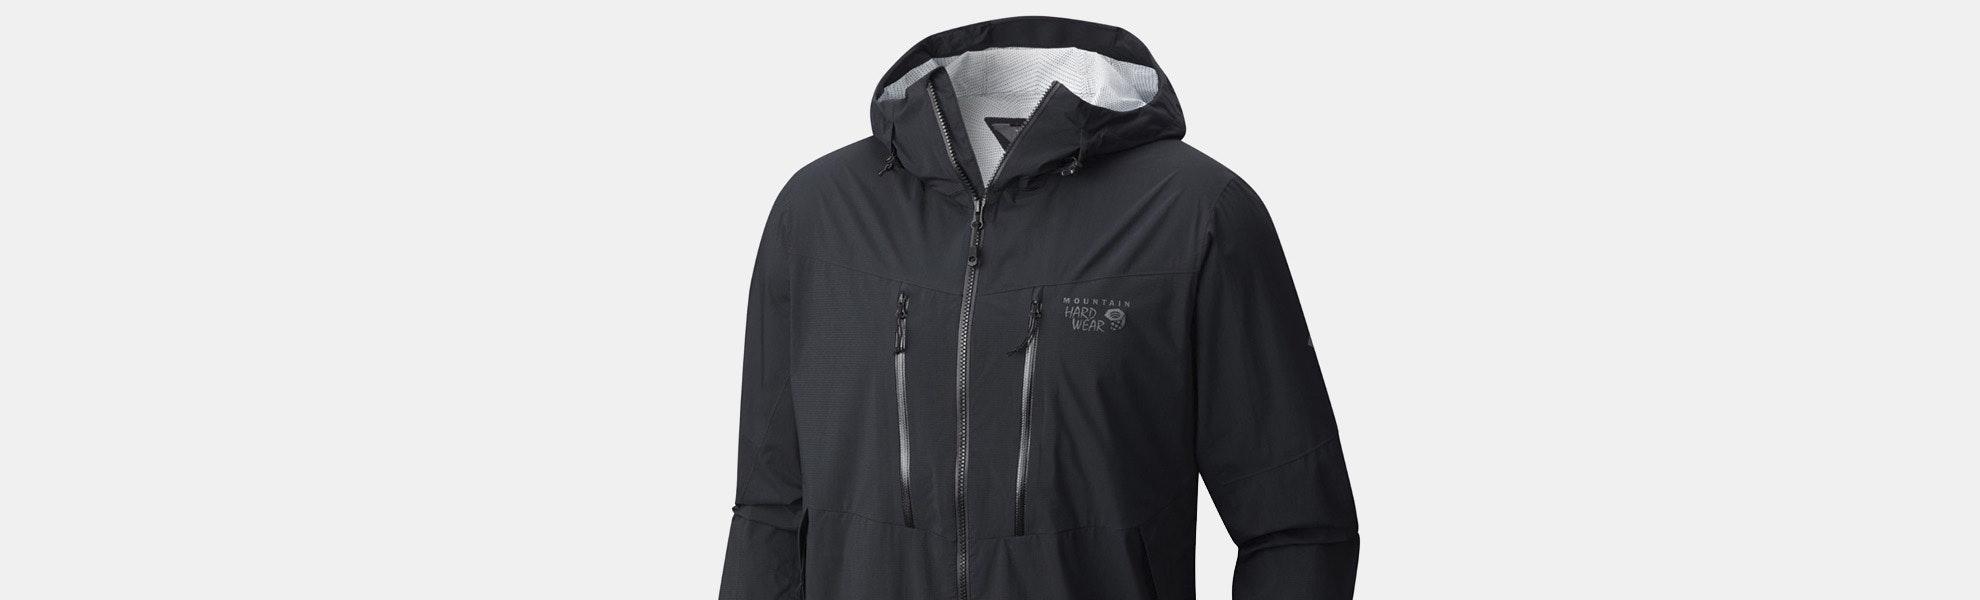 Mountain Hardwear ThunderShadow Men's Rain Jacket